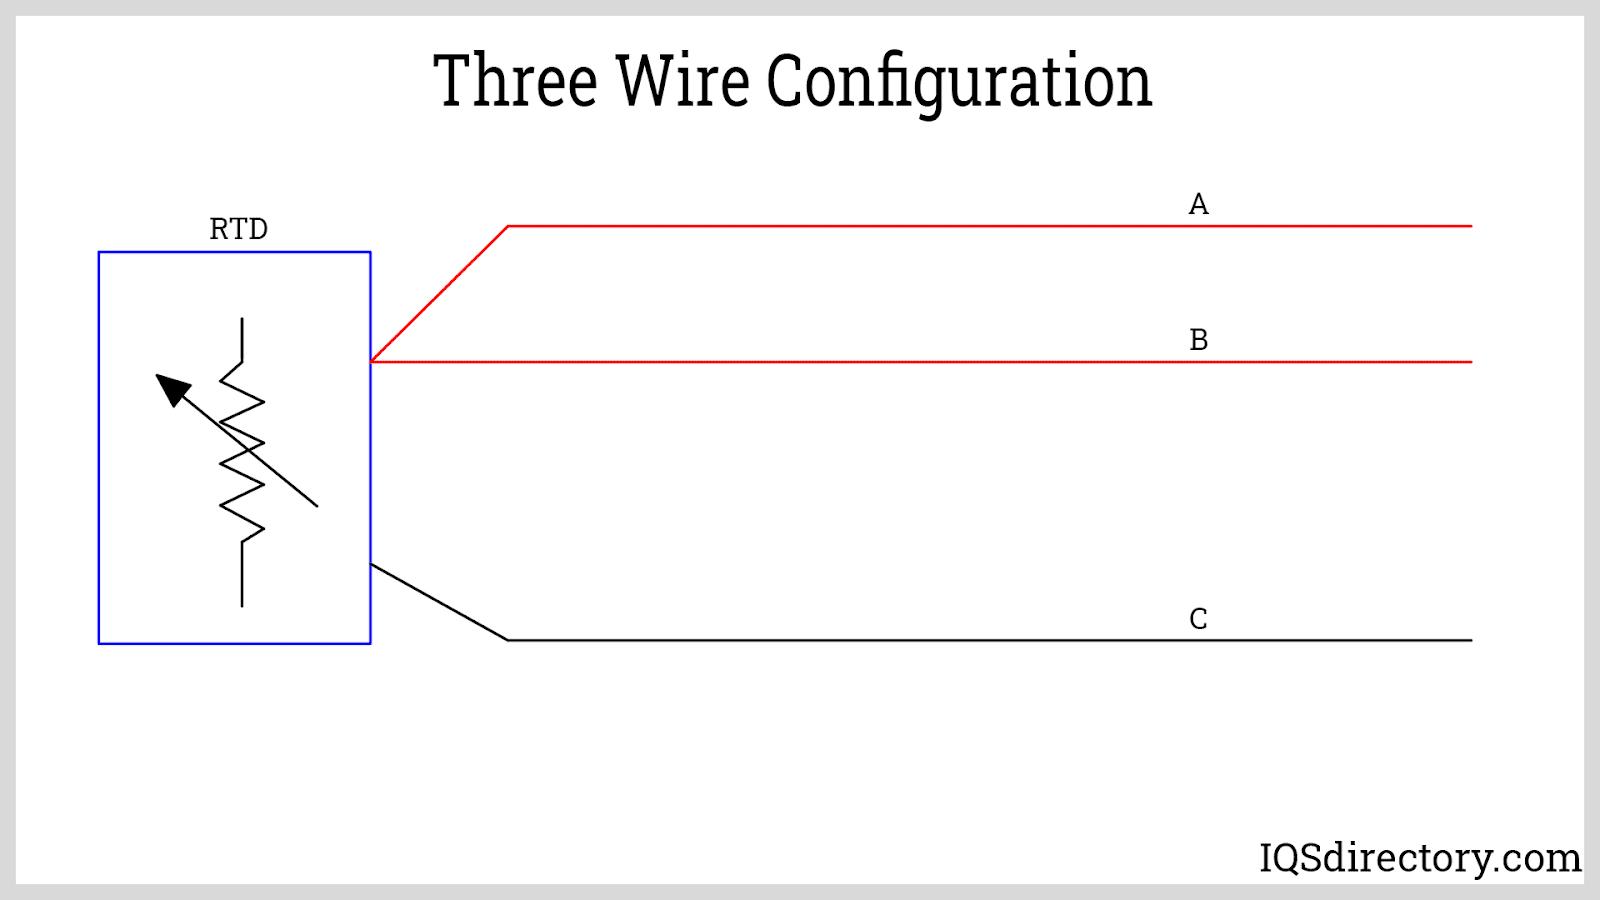 Three Wire Configuration